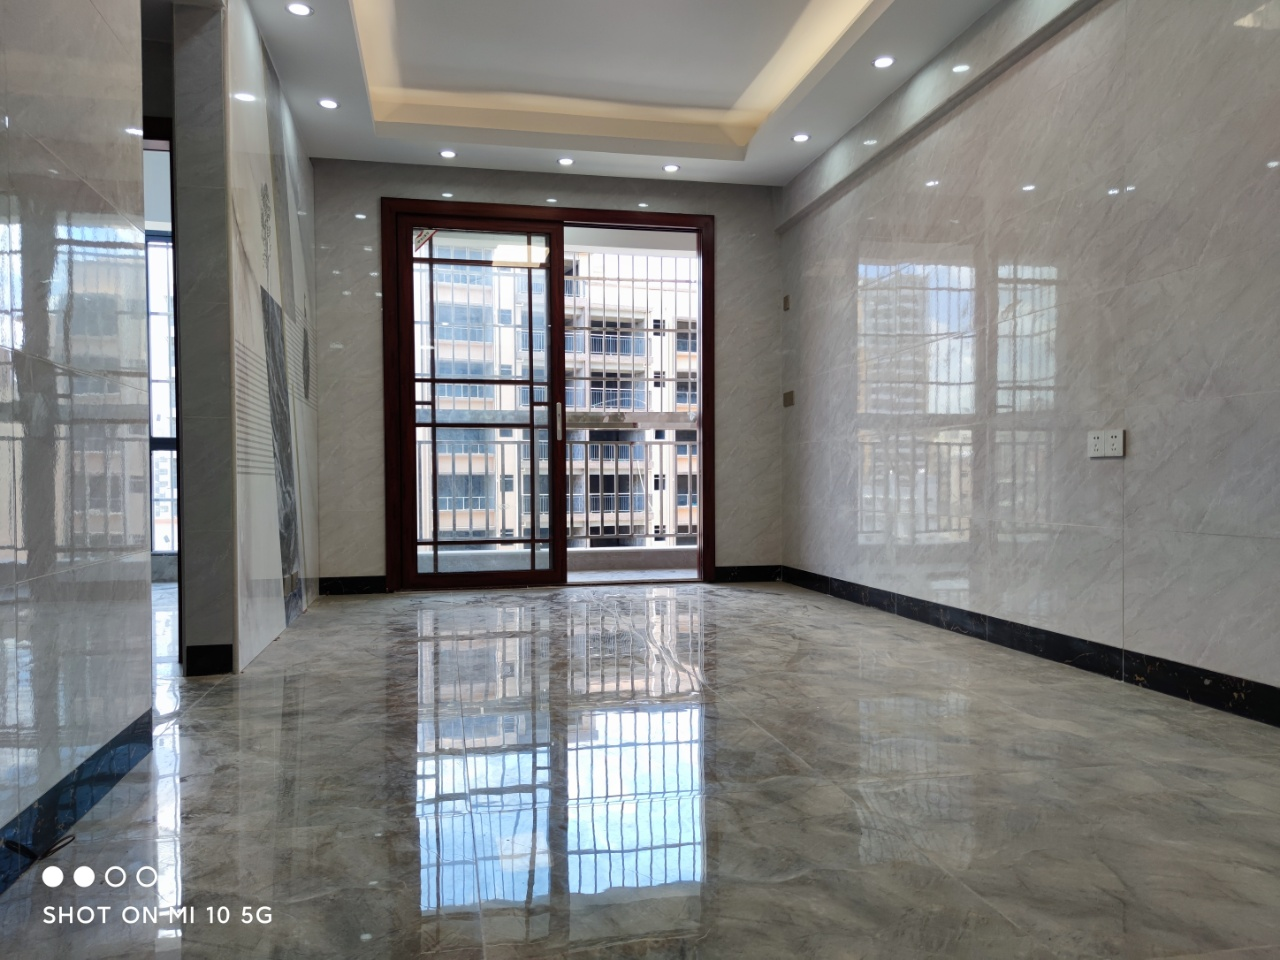 長安小產權房《翰林雅居》首付2萬學區房,3棟小區 統建樓